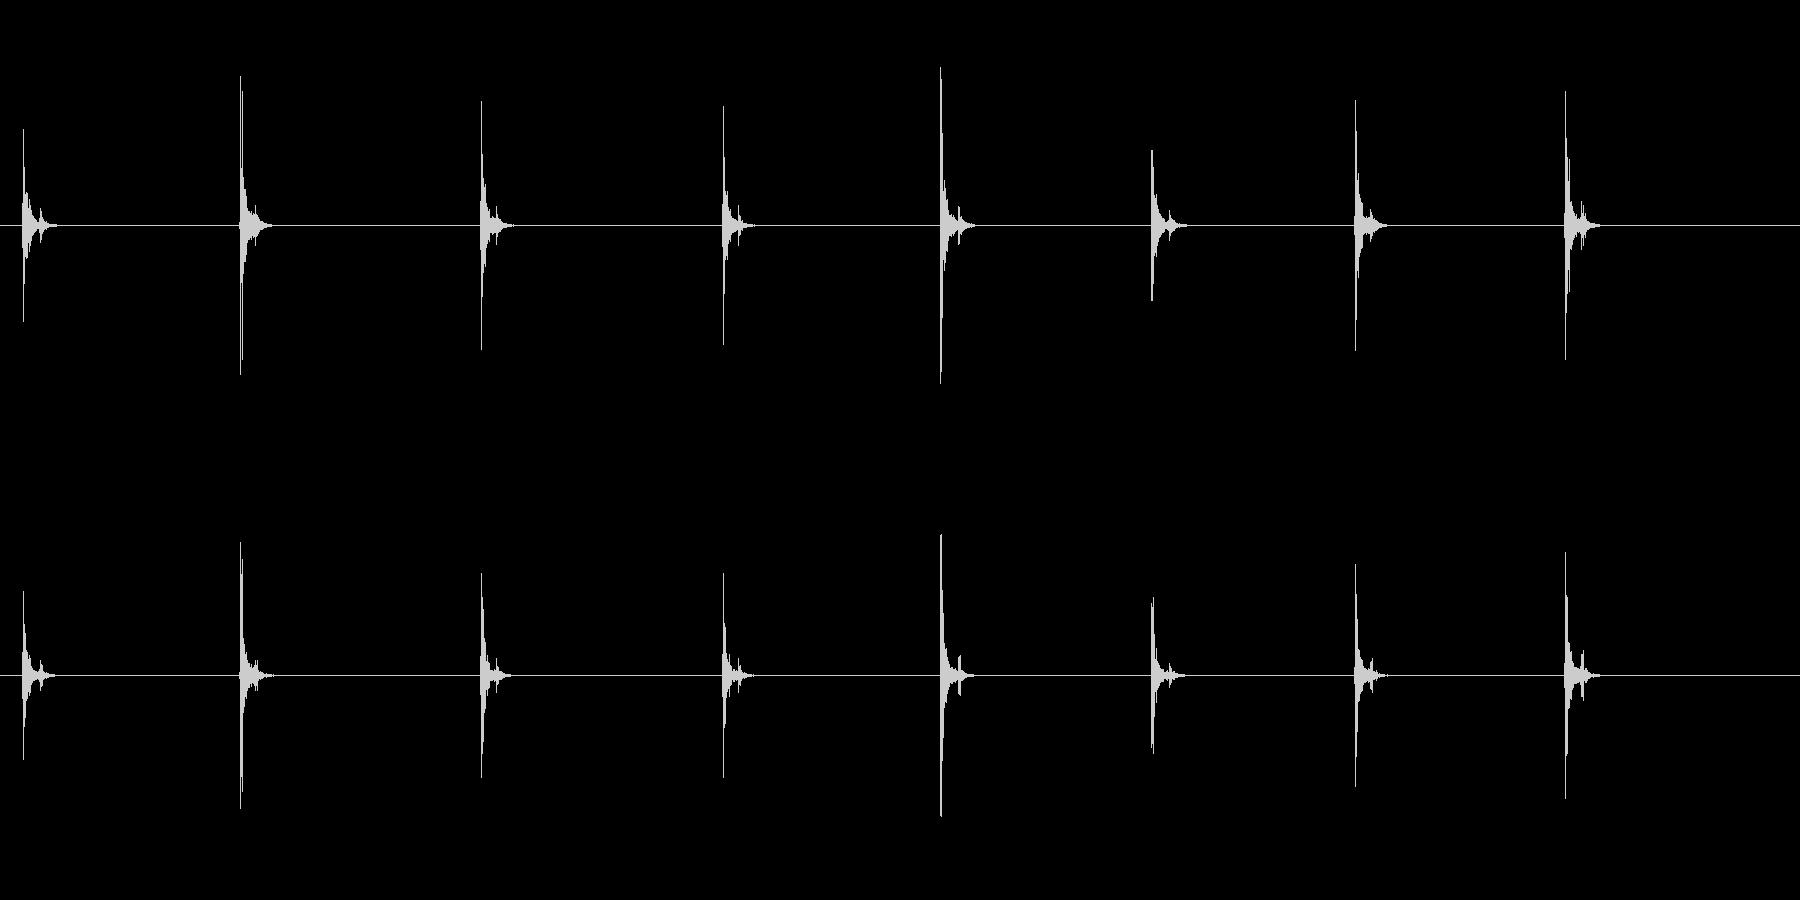 PC キーボード06-17(遠い 単発 の未再生の波形